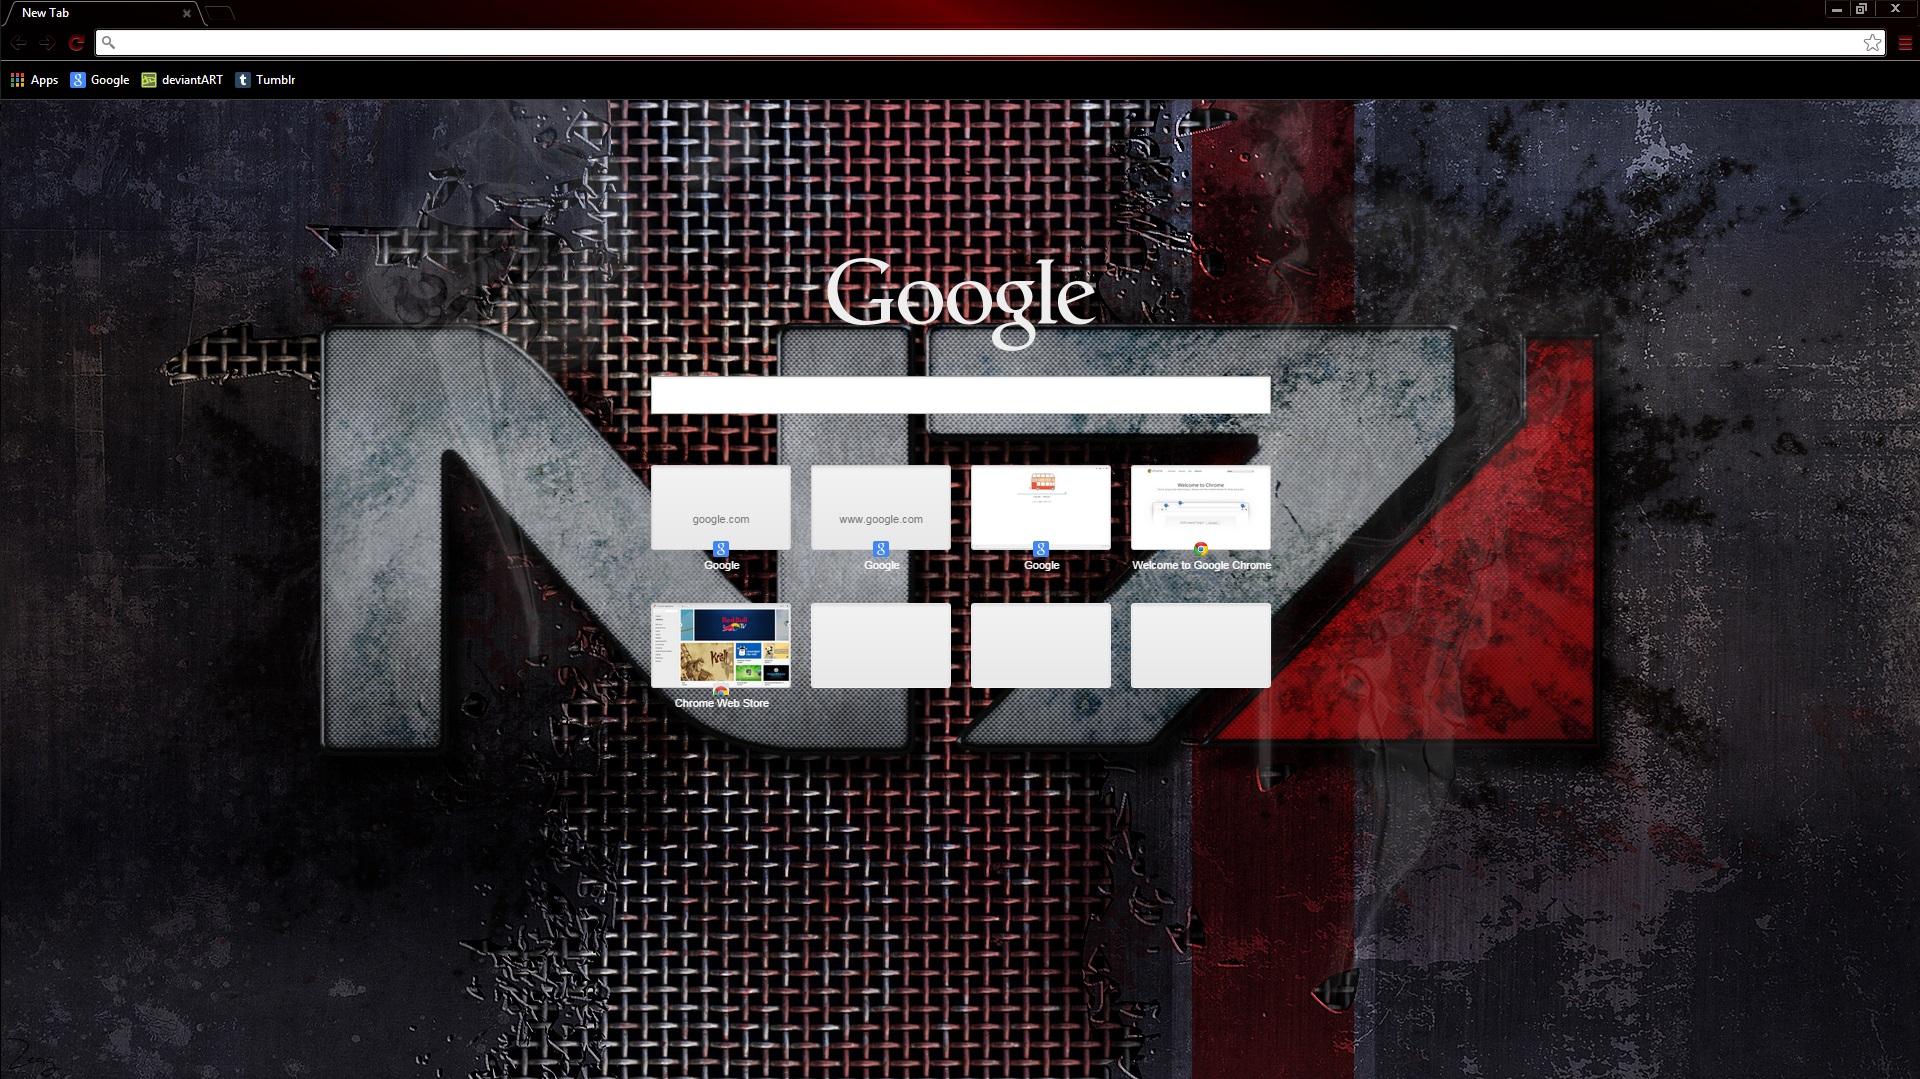 Google uk themes - N7 Battle Damage Theme